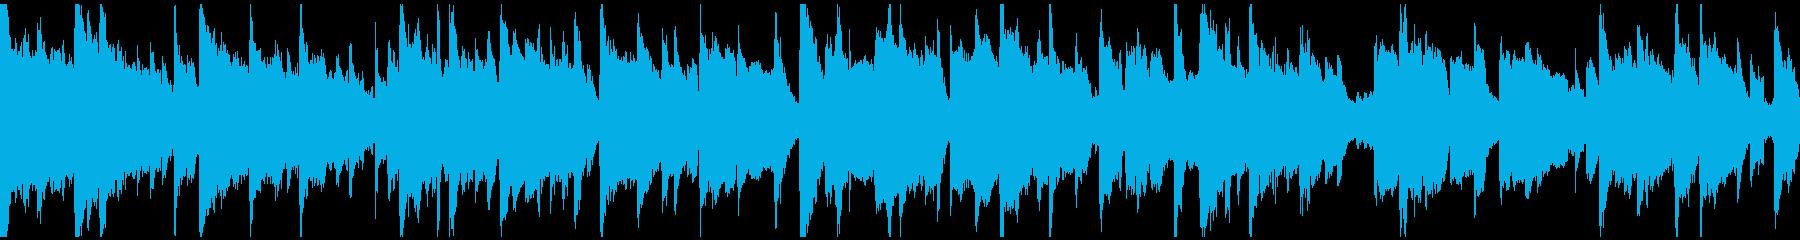 落ち着いたリラクゼーション ※ループ版の再生済みの波形